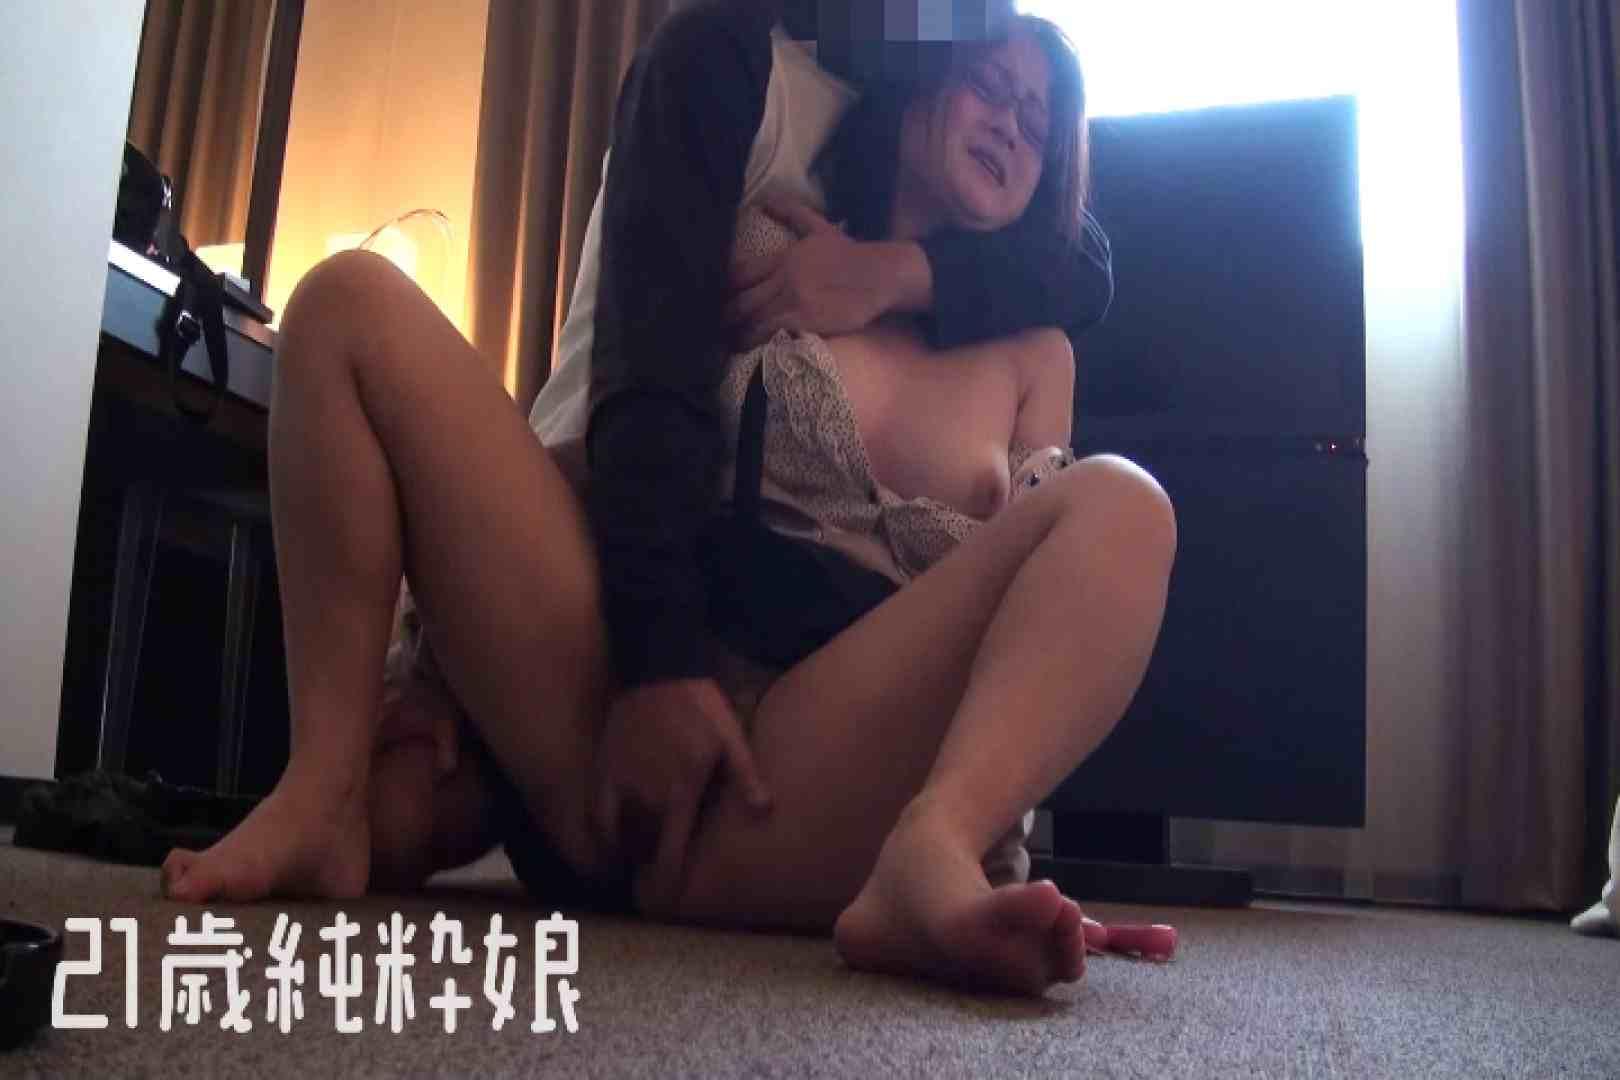 Gカップ21歳純粋嬢第2弾Vol.3 学校潜入  53PIX 26